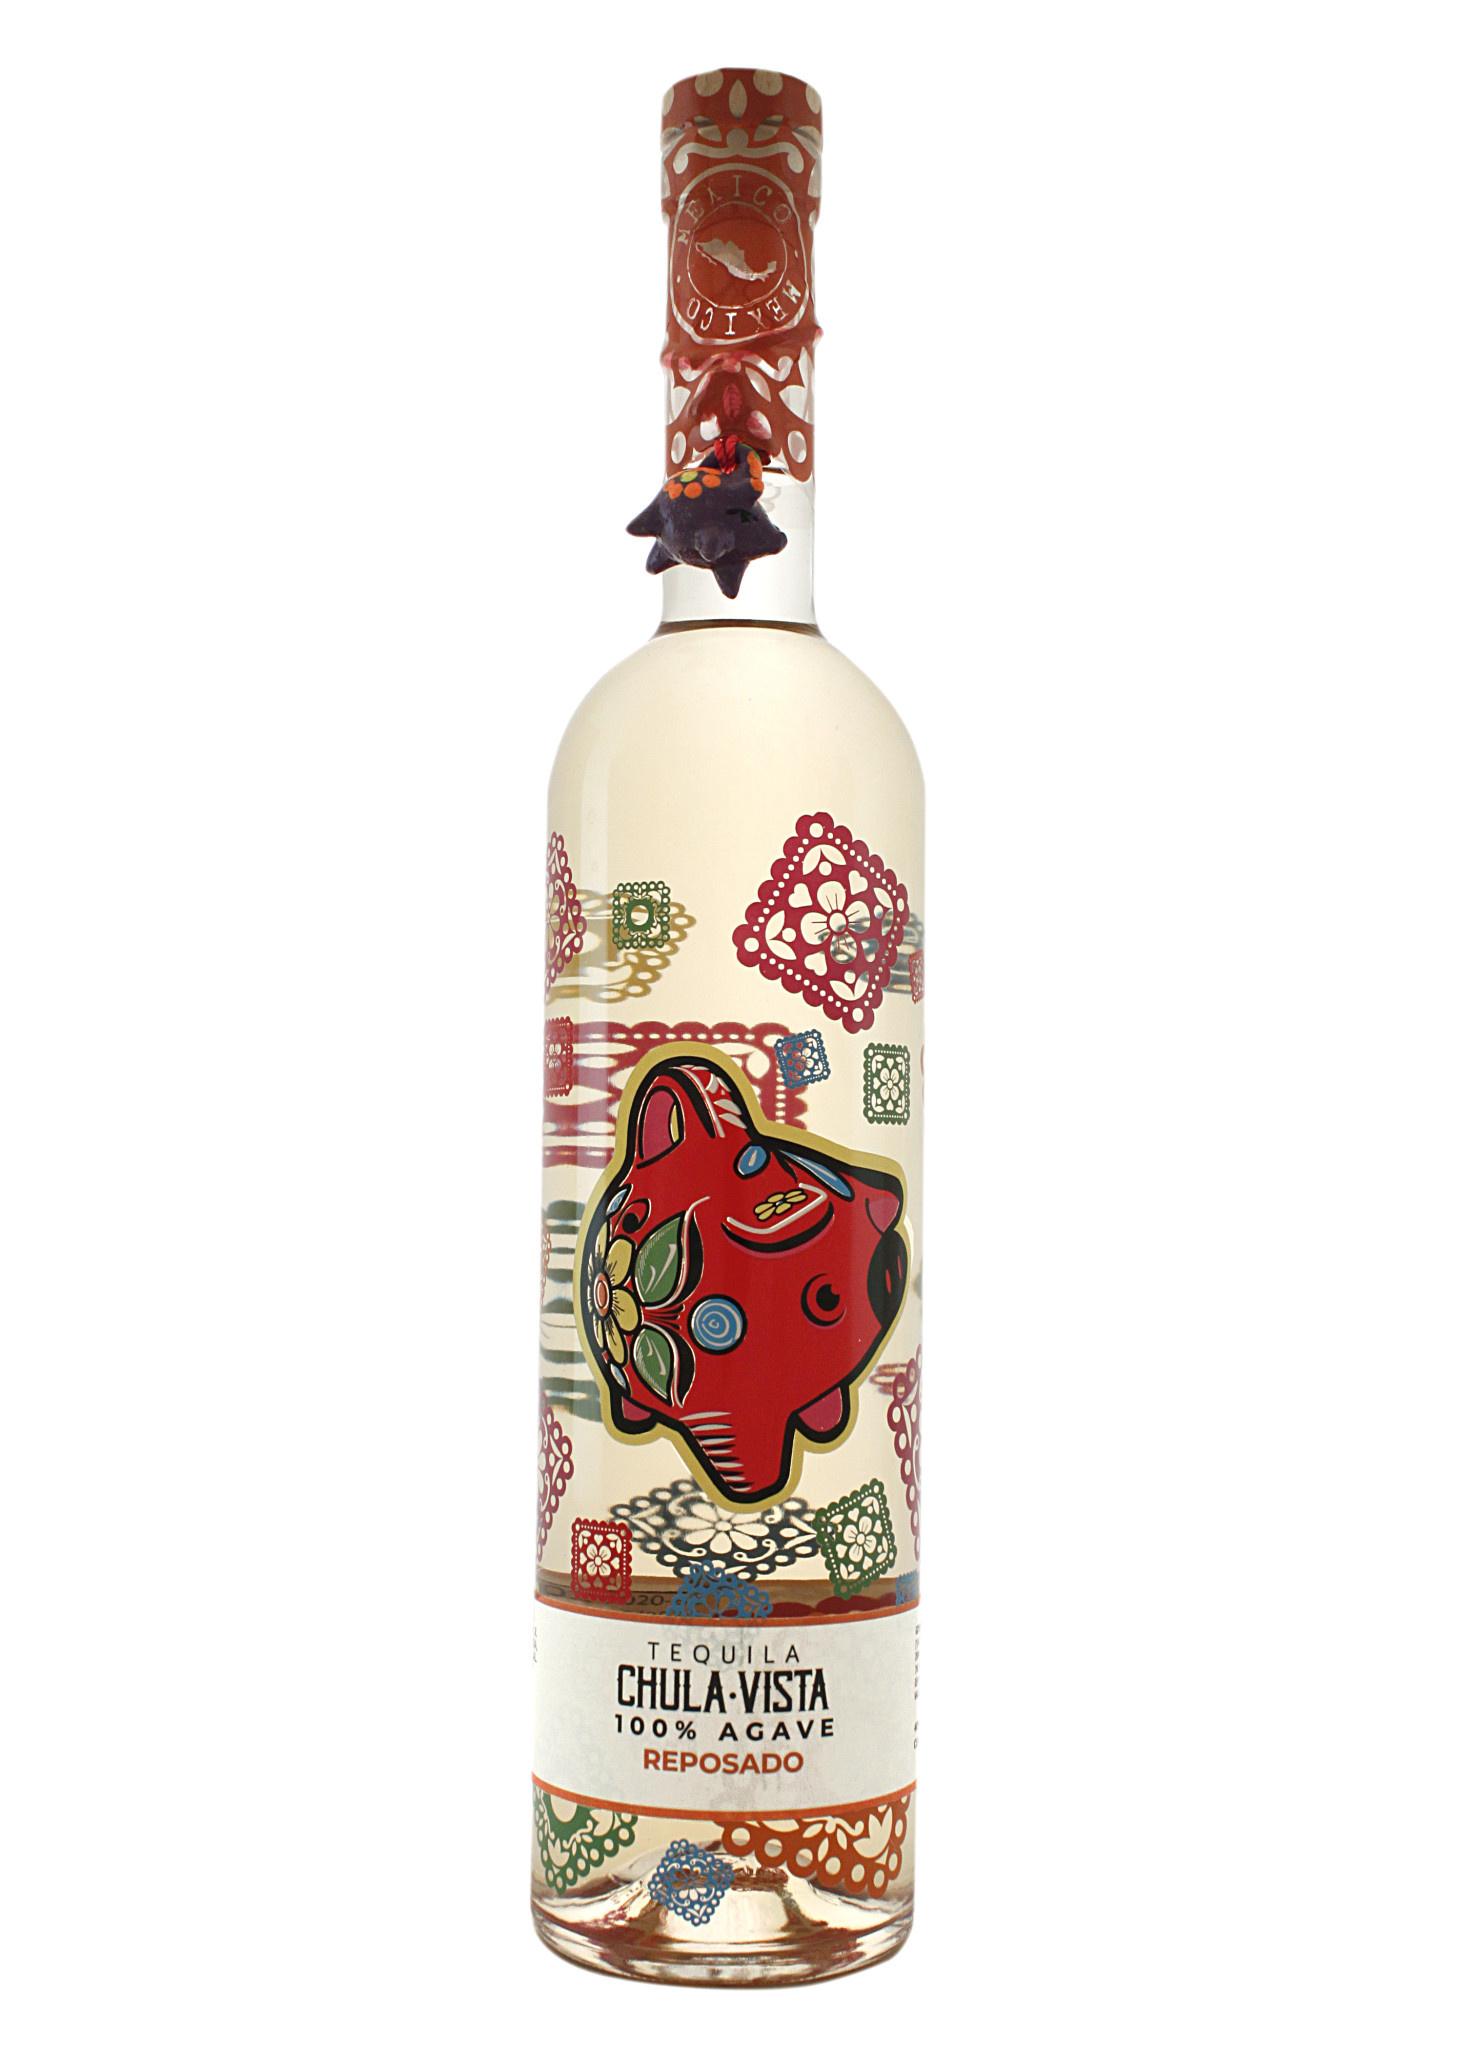 Chula Vista Tequila Reposado